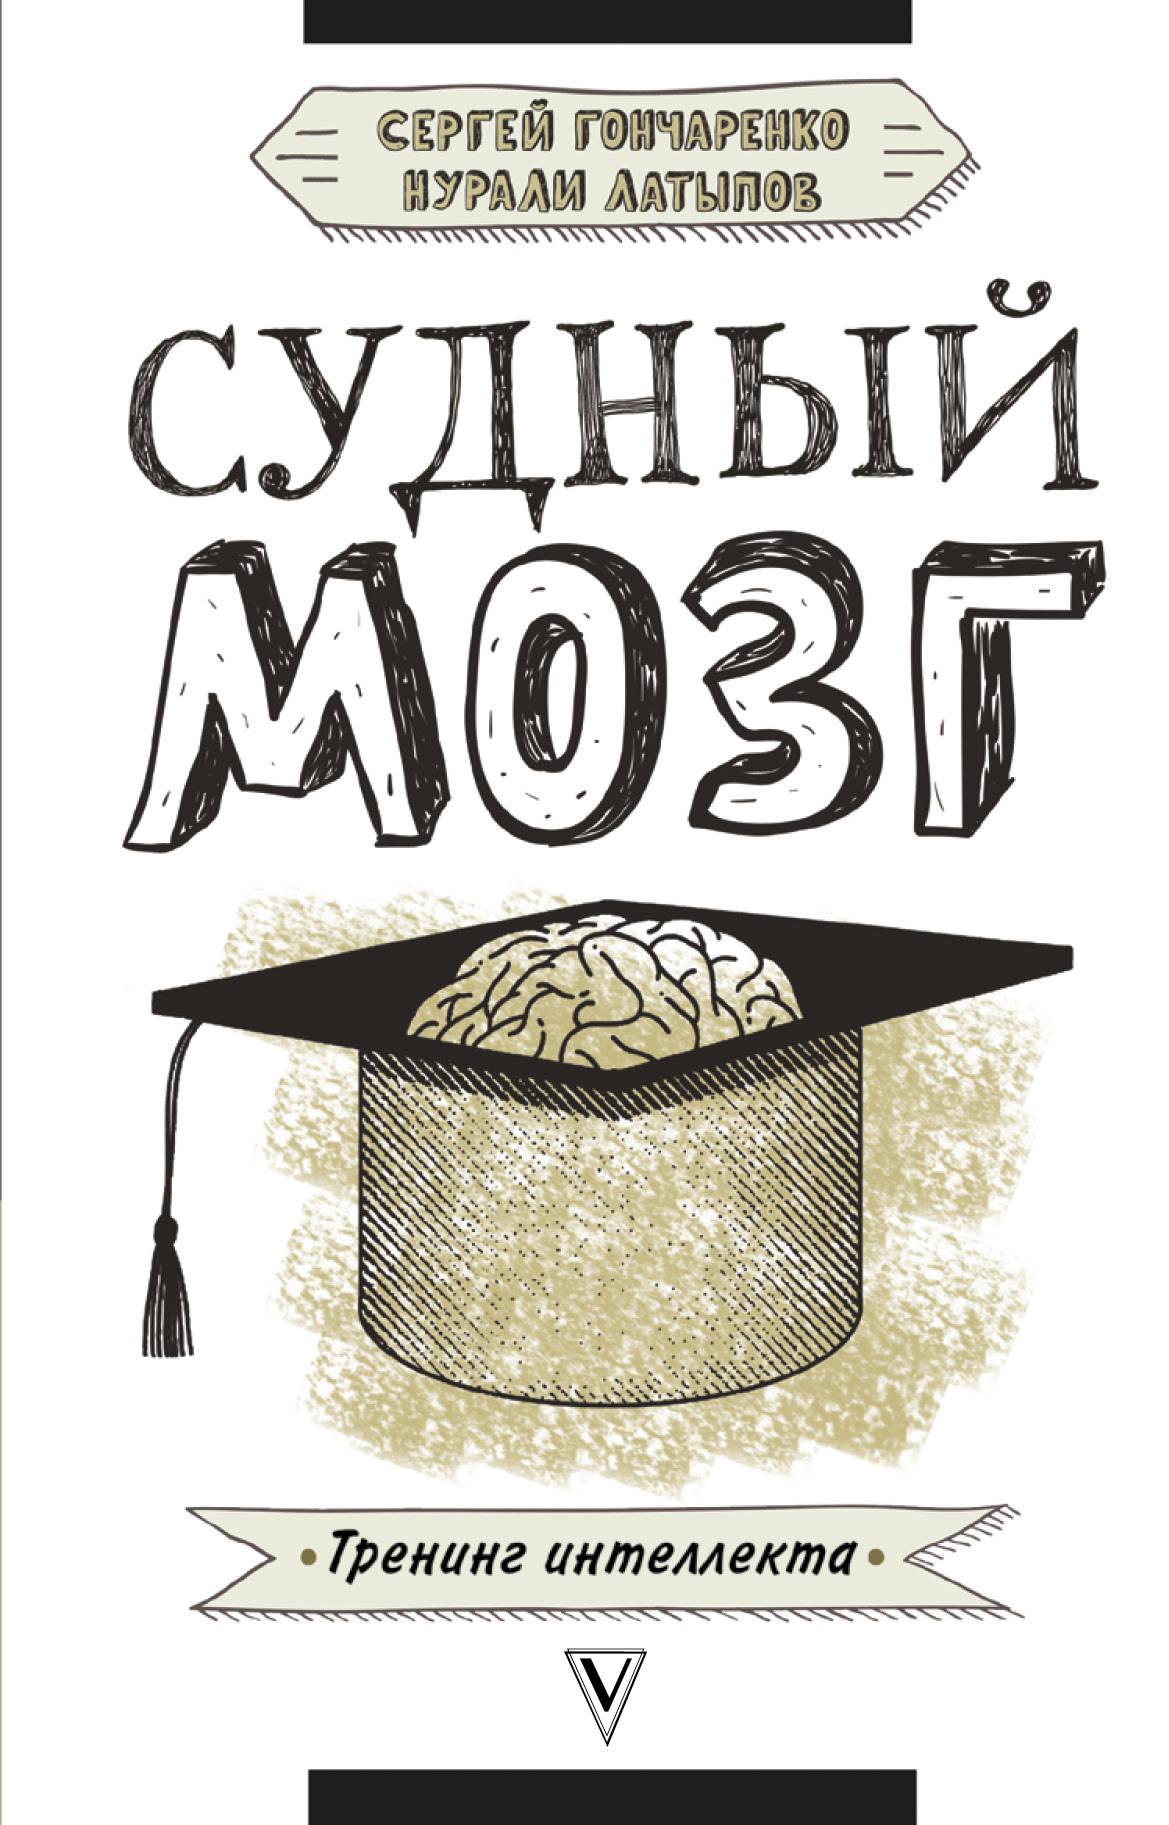 С. В. Гончаренко,Н. Н. Латыпов Судный мозг